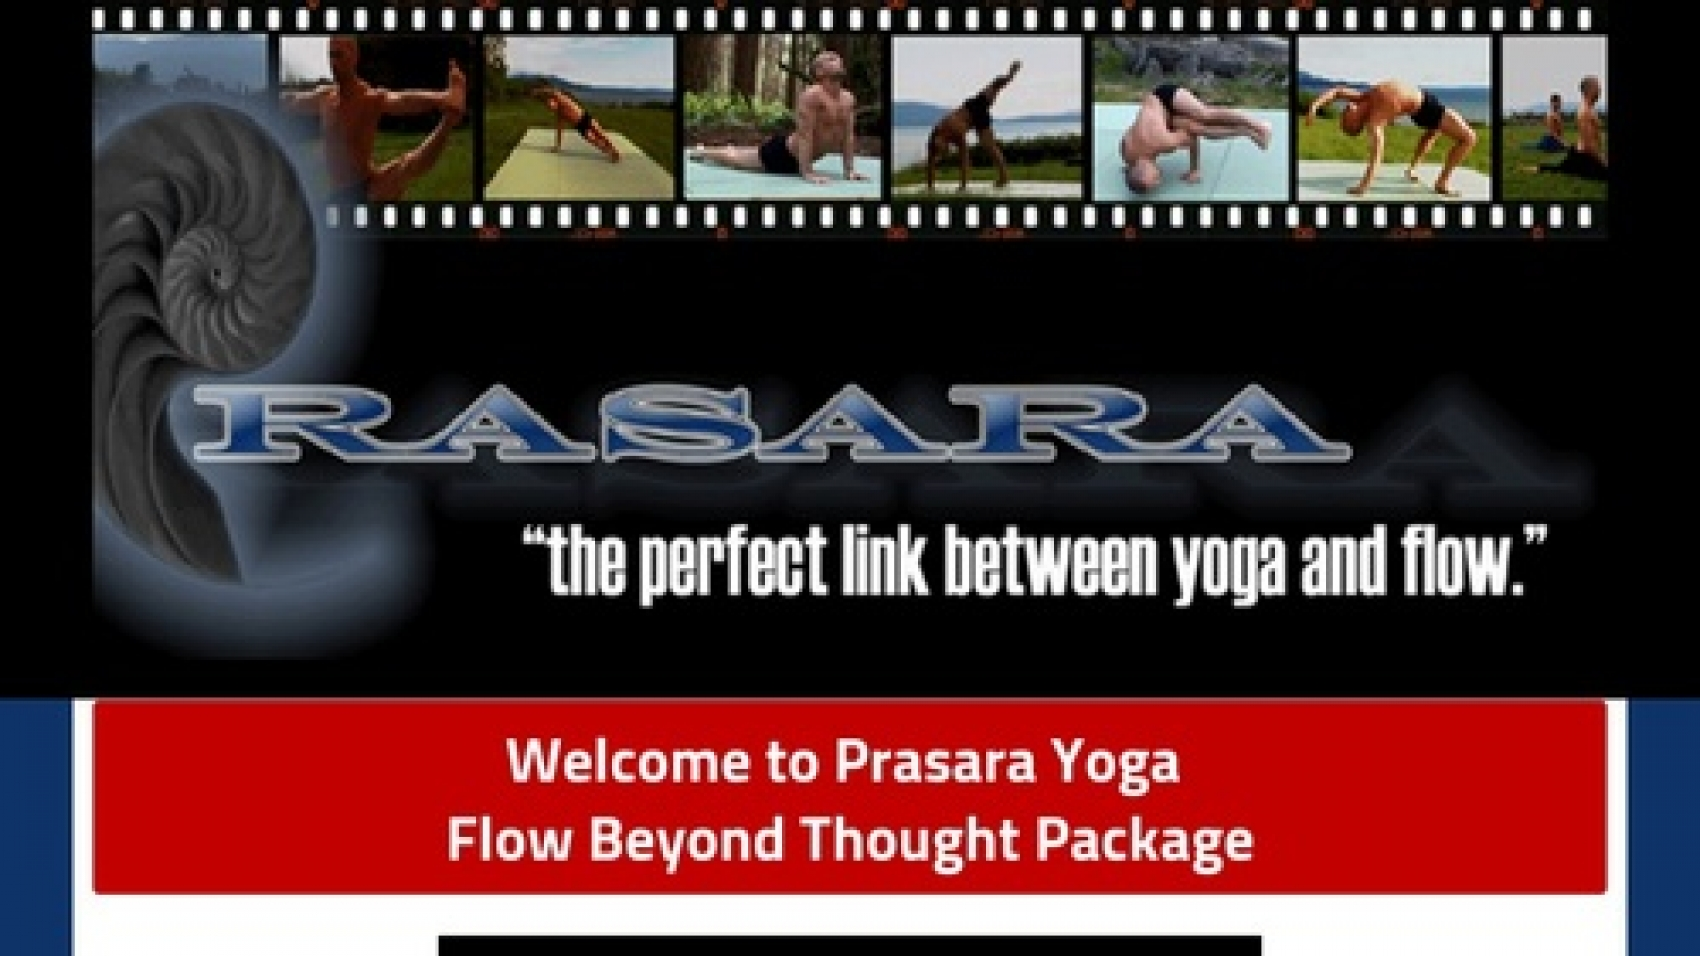 Prasara Yoga: Flow Beyond Thought